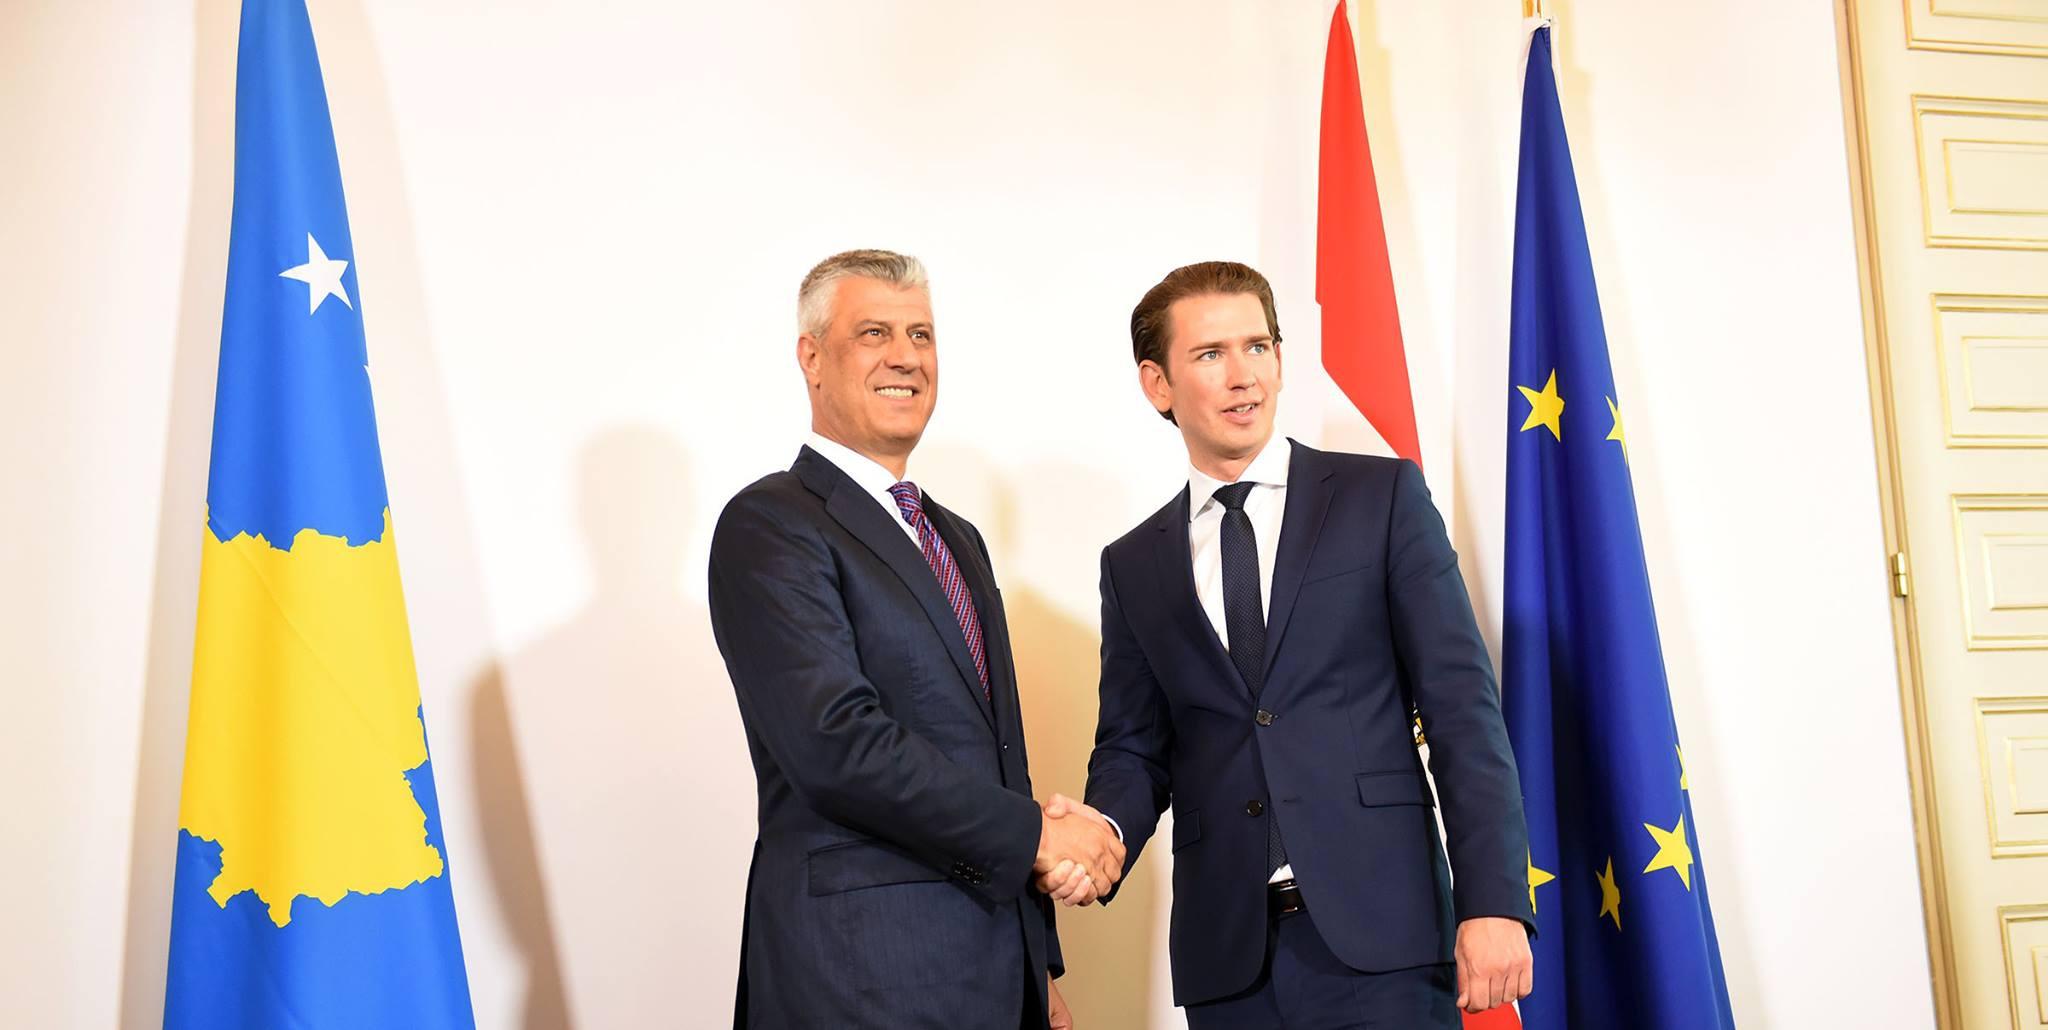 Austria to back Kosovo's accession in the EU